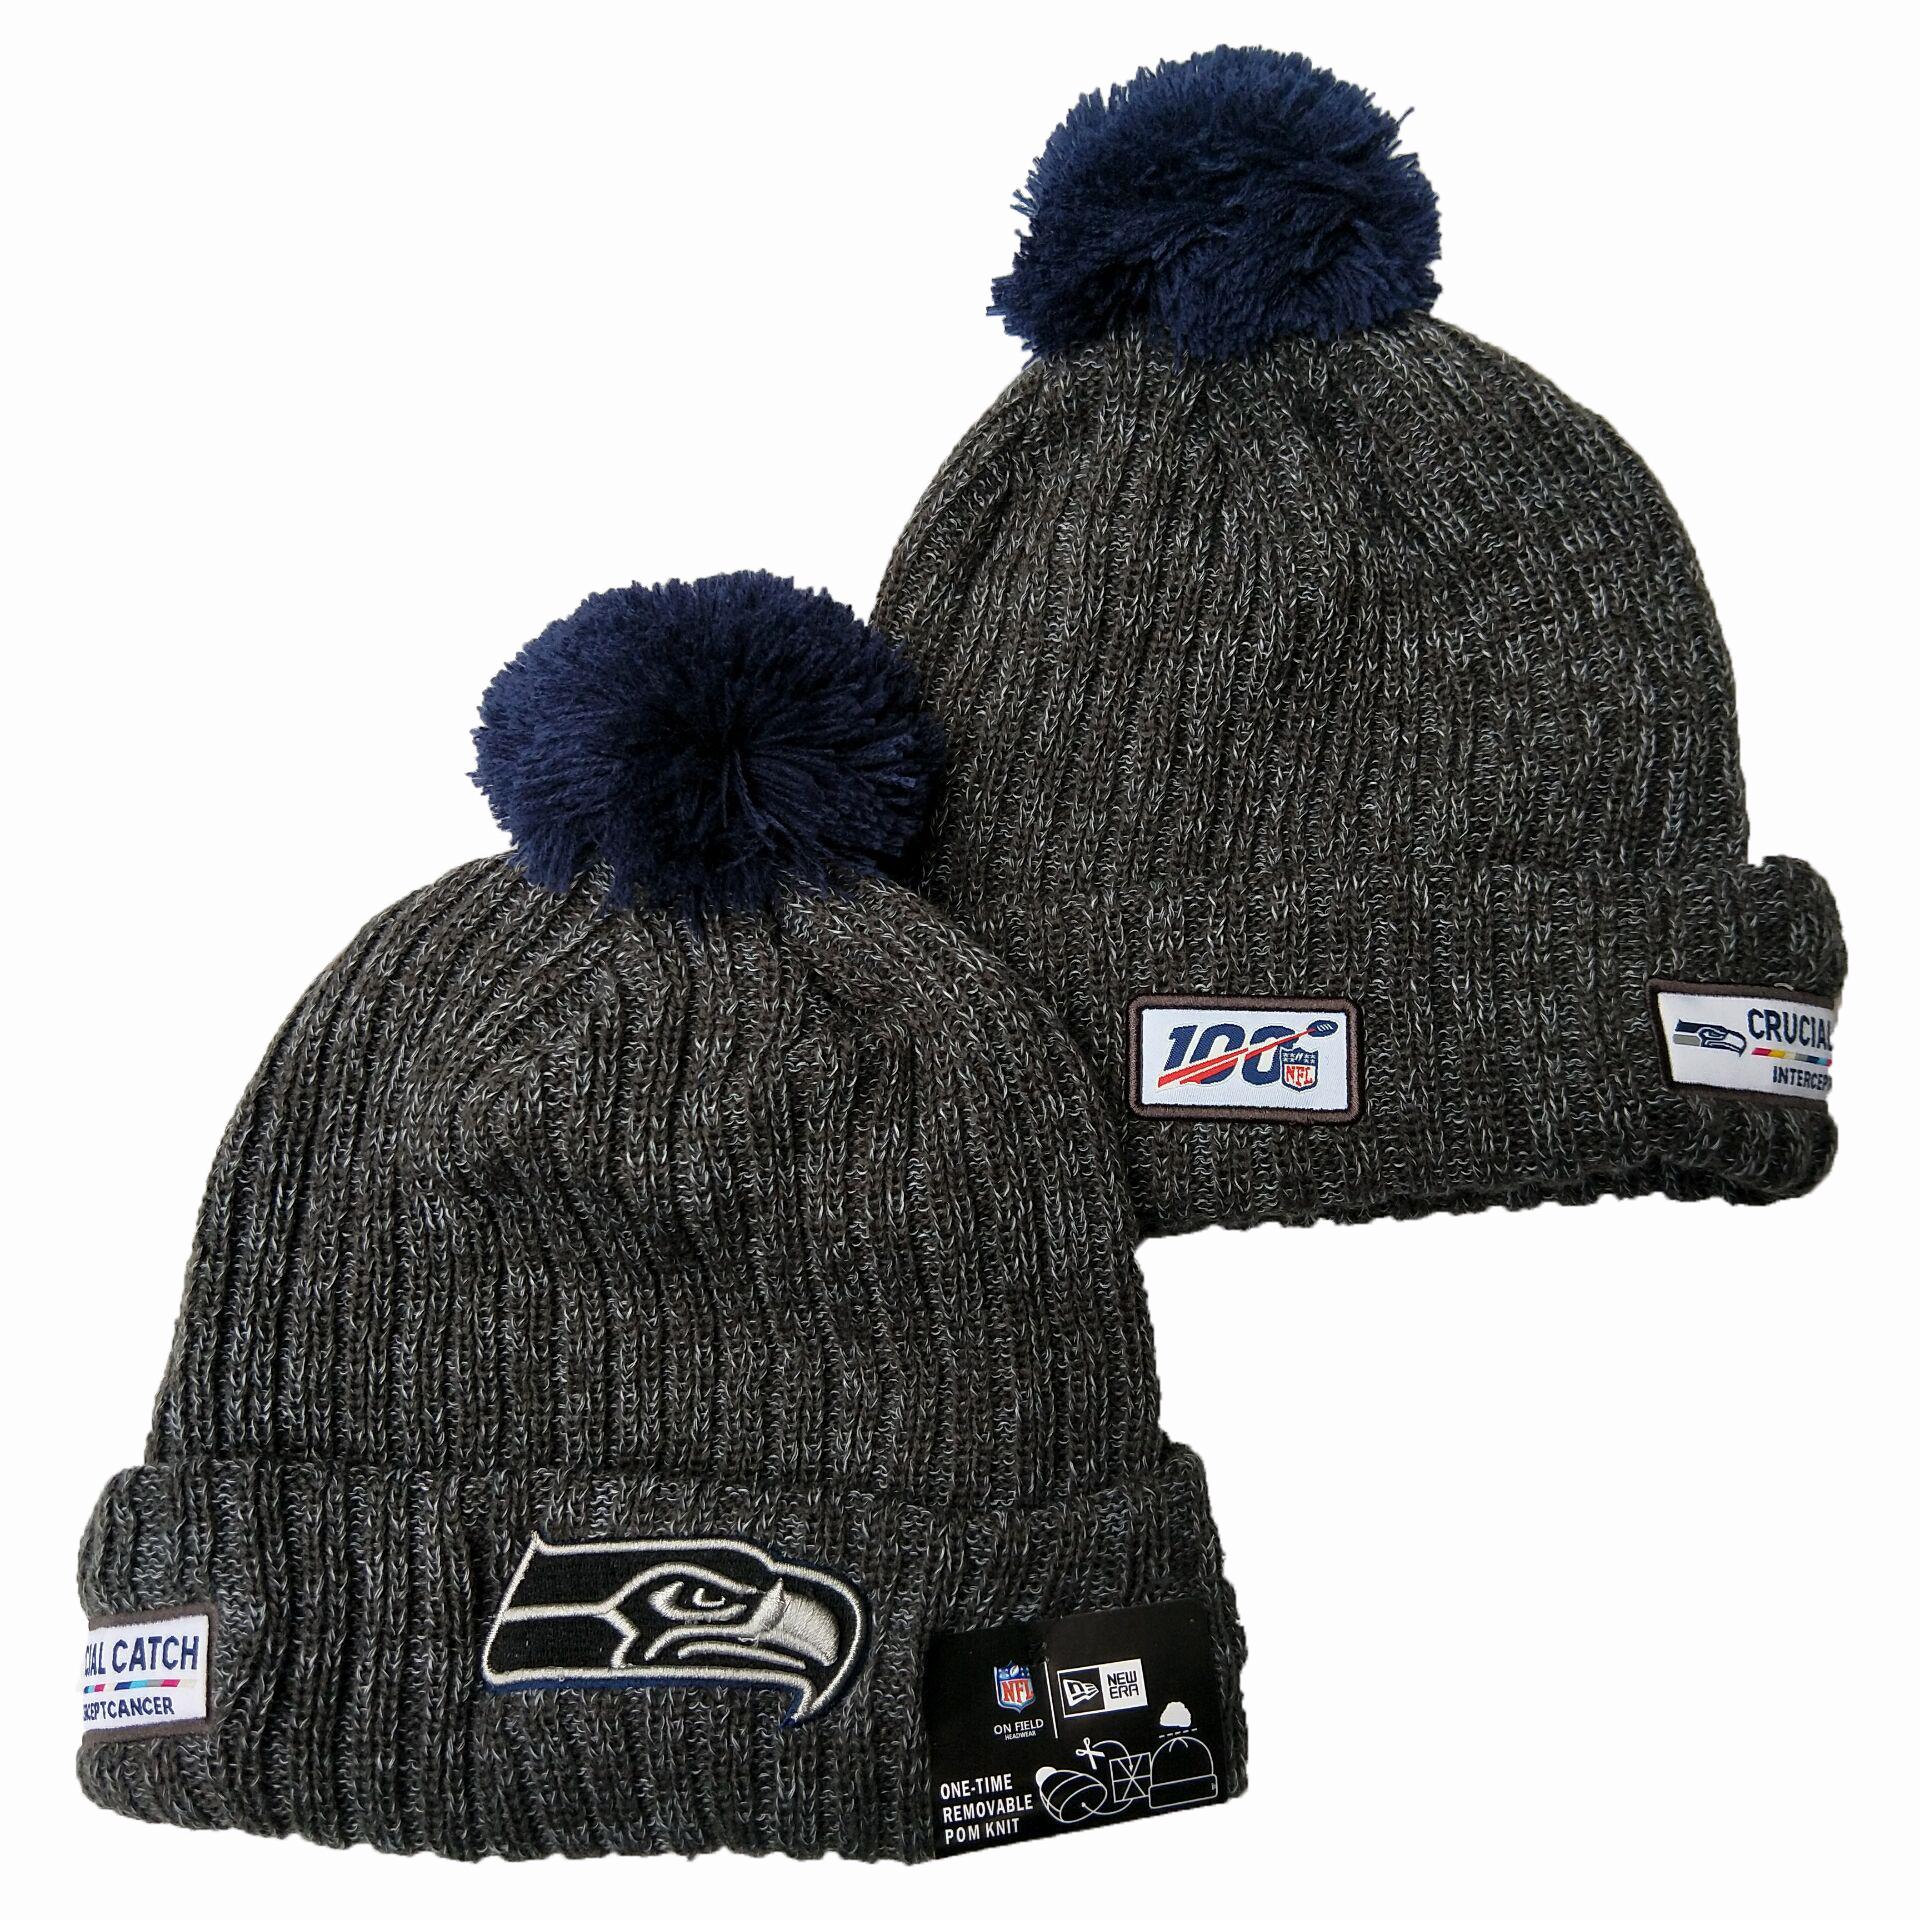 Seahawks Team Logo Gray Pom Knit Hat YD